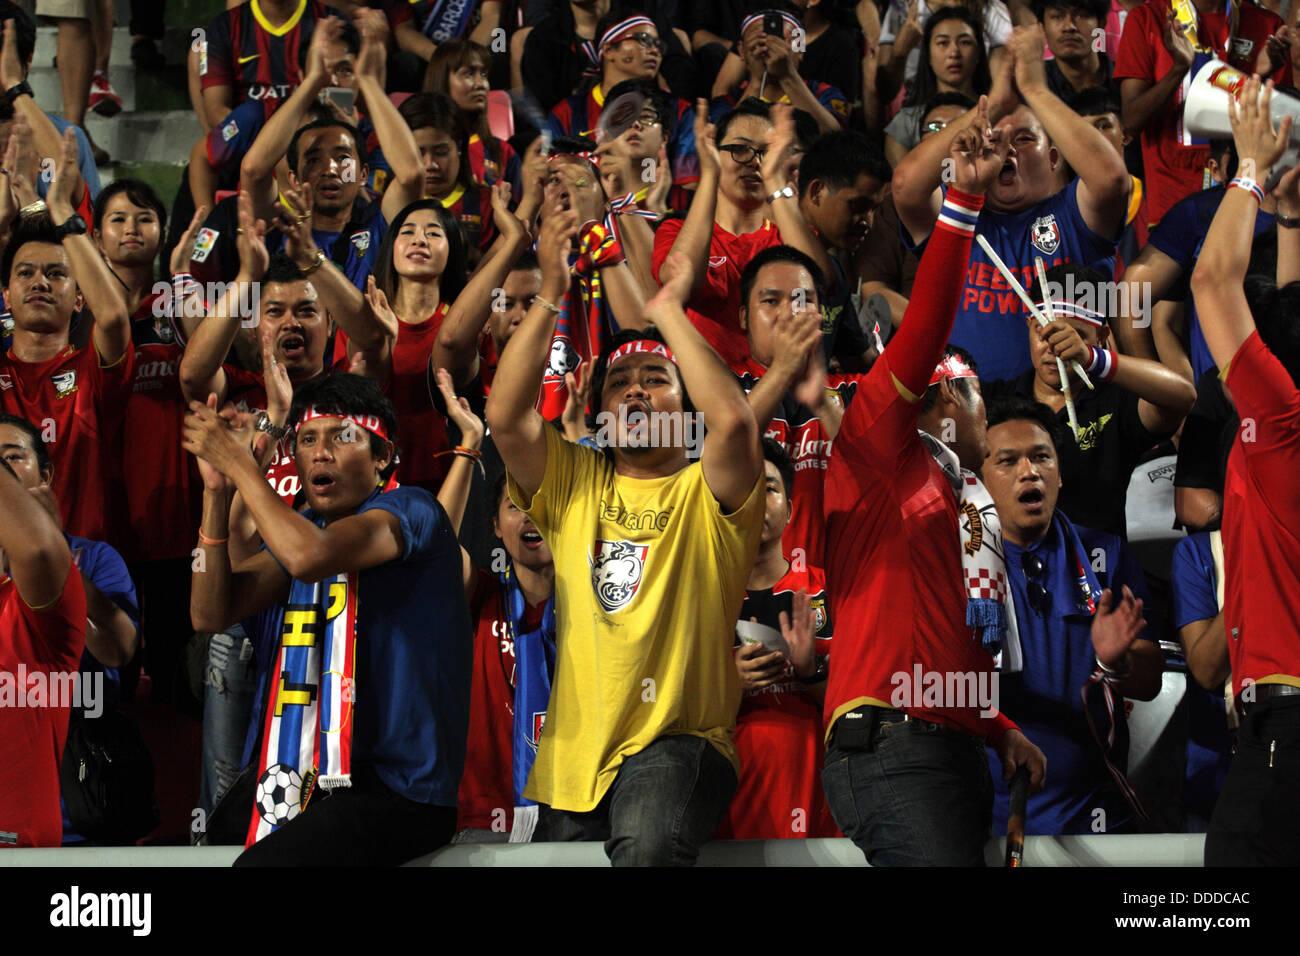 basketball fans cheering. stock photo - thailand football fans cheering at rajmalanga stadium in bangkok , basketball l